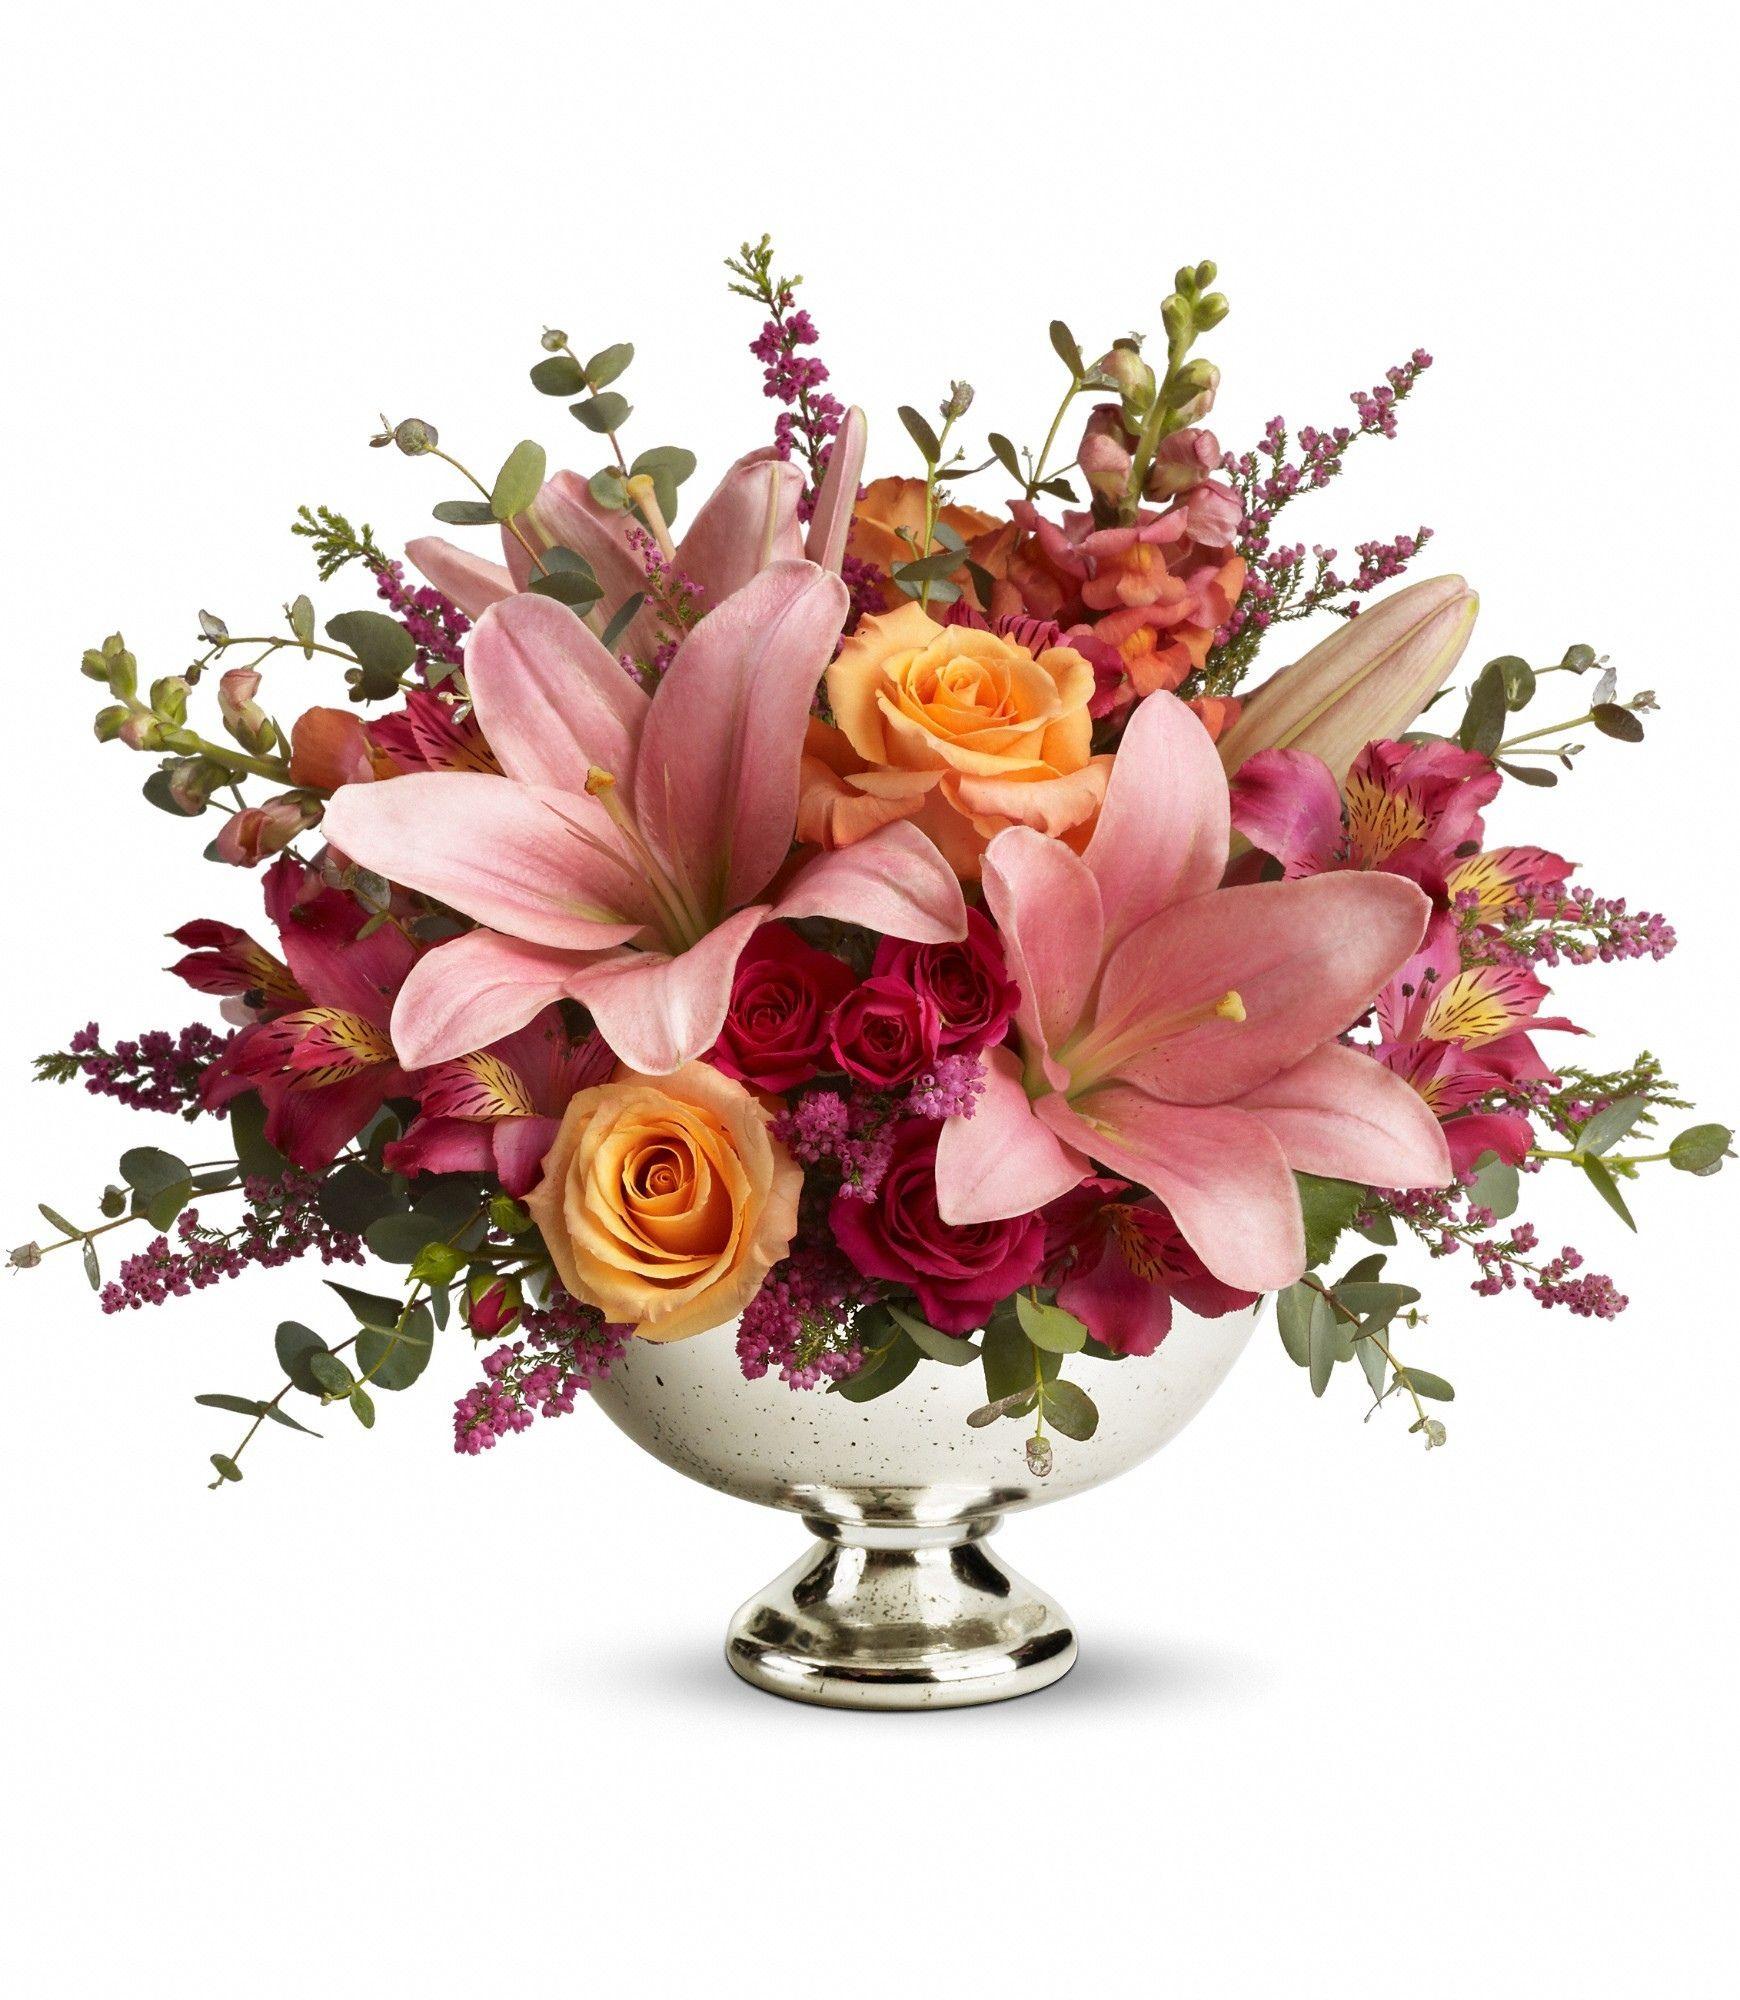 11 beautiful flower bouquets - 11 gyönyörű virágcsokor - Megaport ...